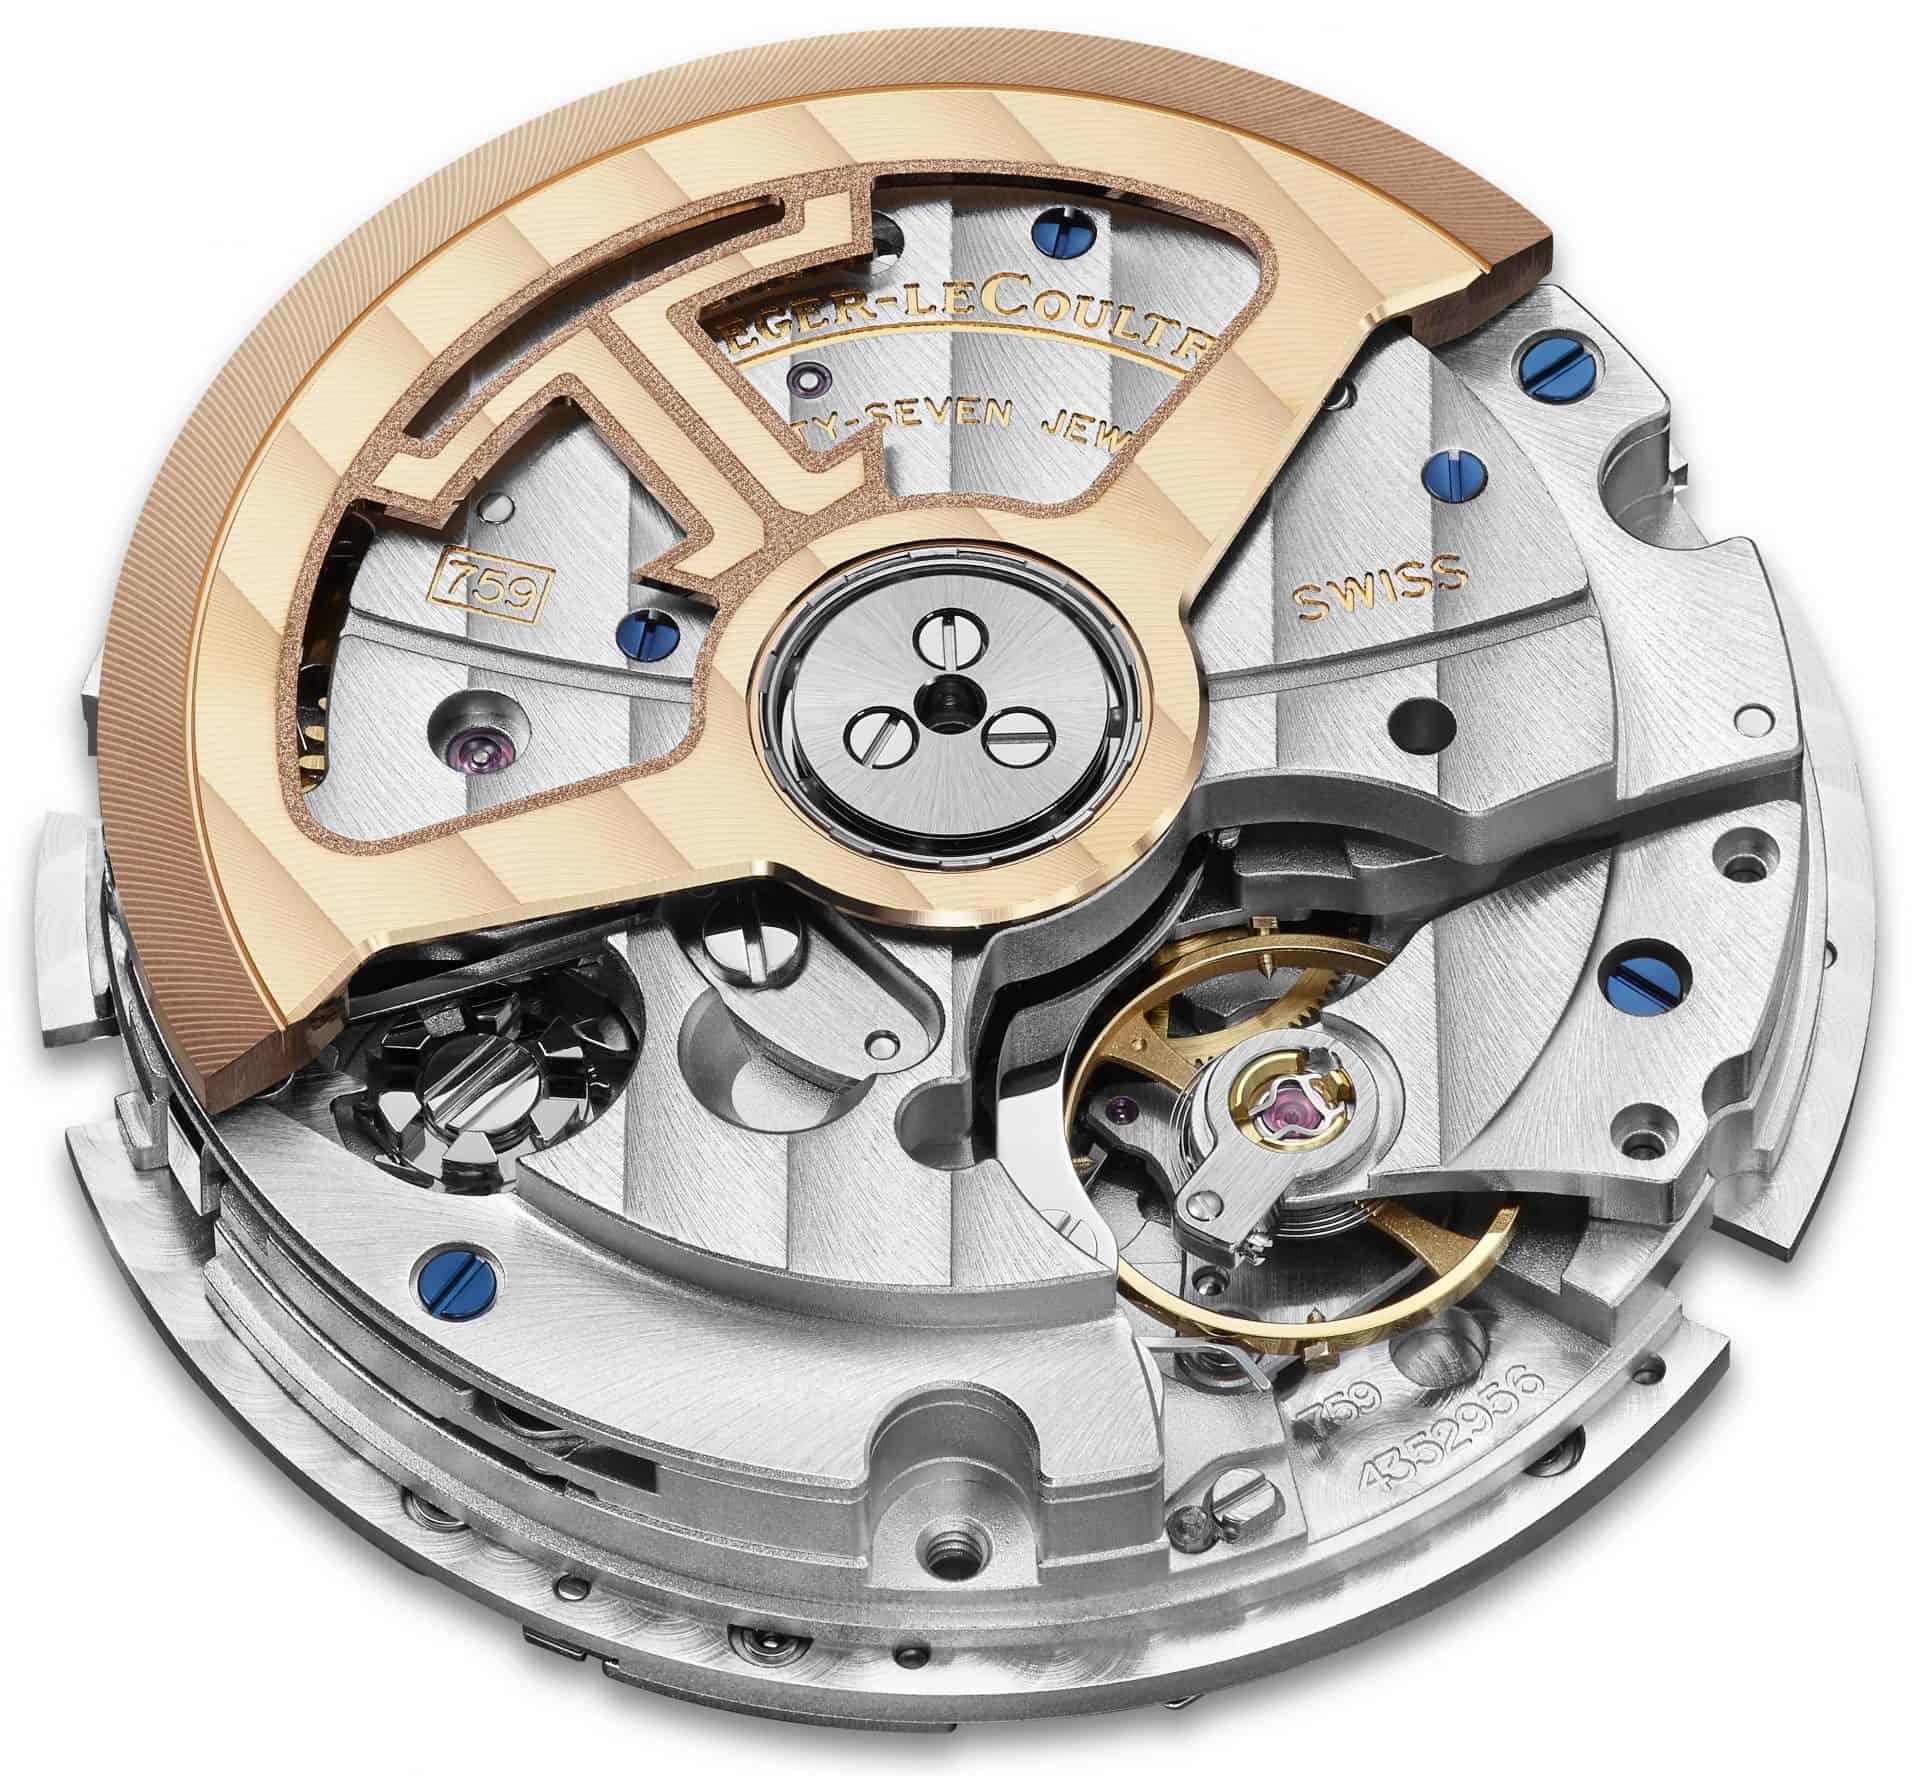 Das neue Manufakturkaliber 759 von Jaeger-LeCoultre mit links dem Schaltrad des Chronographenmechanismus